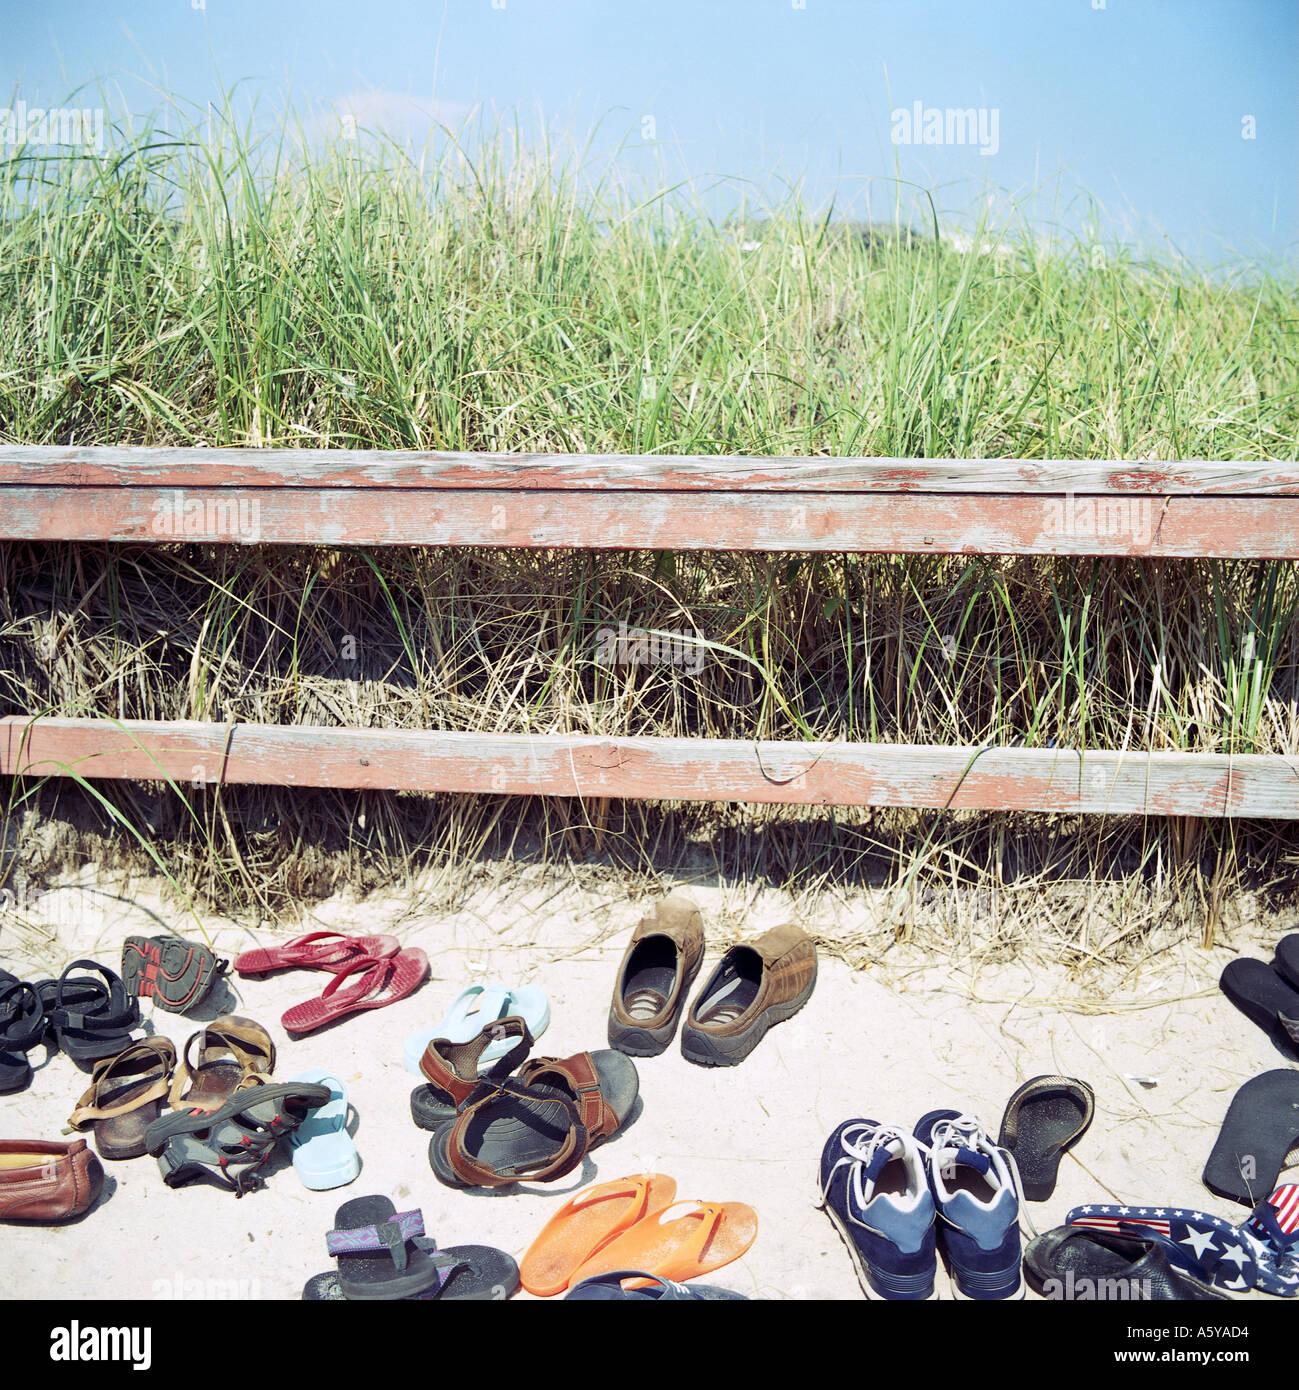 Scarpe in dune sulla spiaggia tipica per il New York Hamptoms uomini togliersi le scarpe prima di macerazione sulla spiaggia Immagini Stock